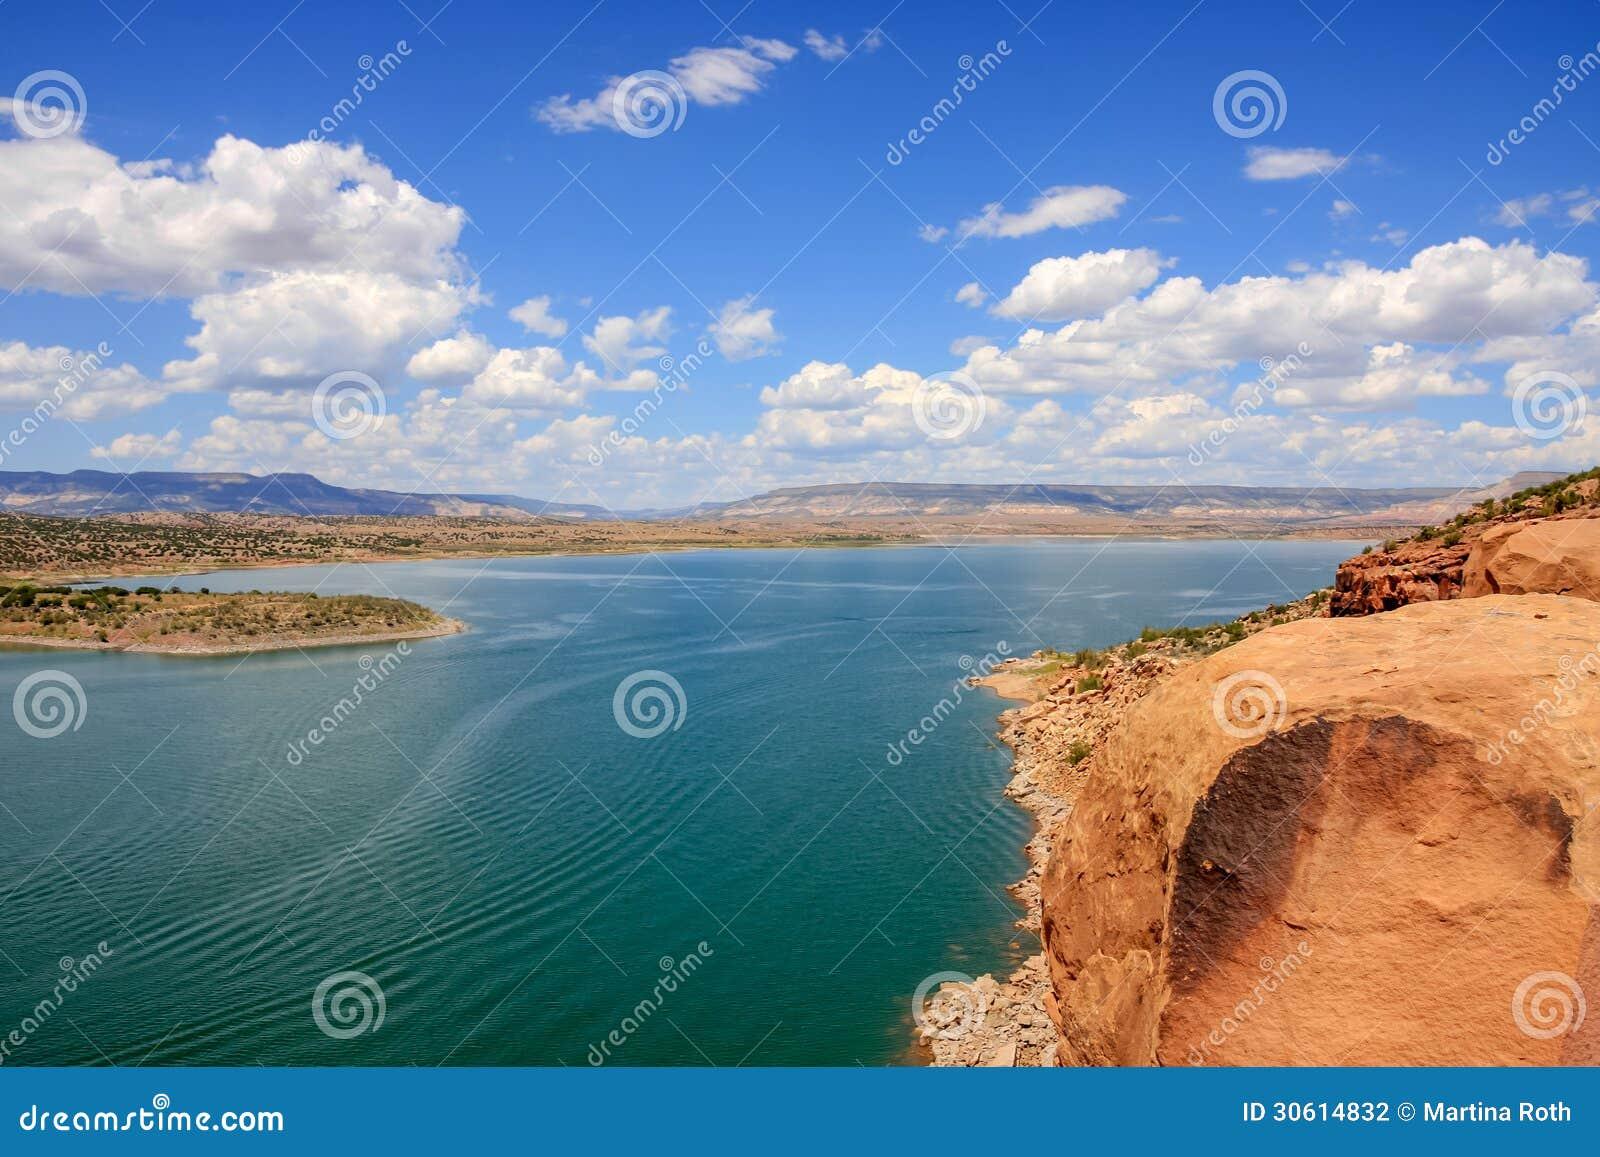 Lac Abiquiu au Nouveau Mexique